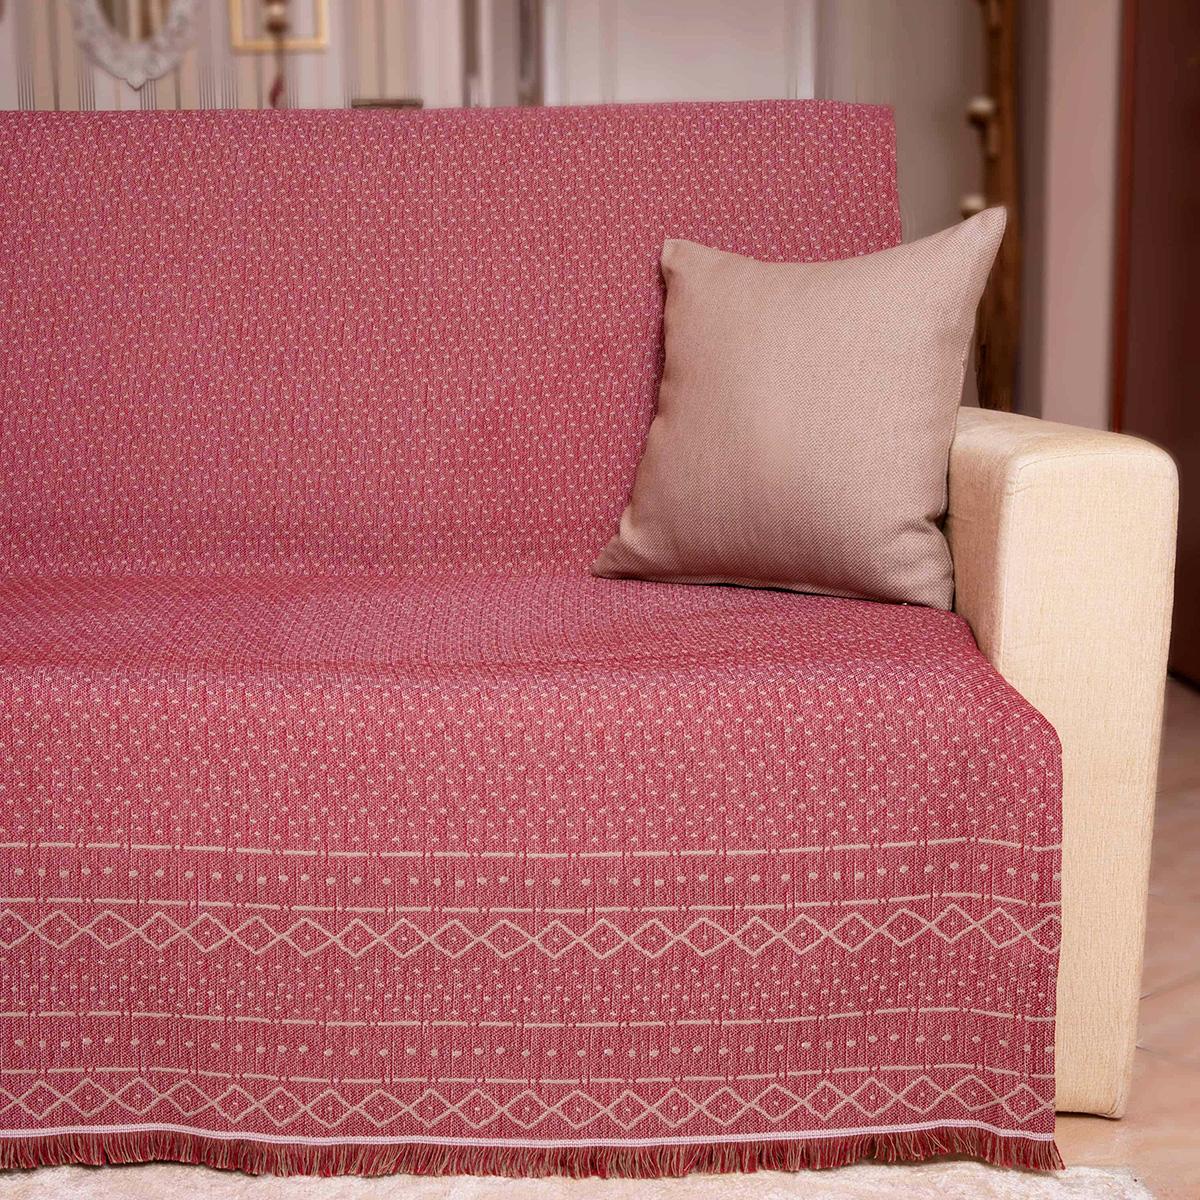 Ριχτάρι Τετραθέσιου 2 Όψεων (180×350) Loom To Room Gealic Bordeaux